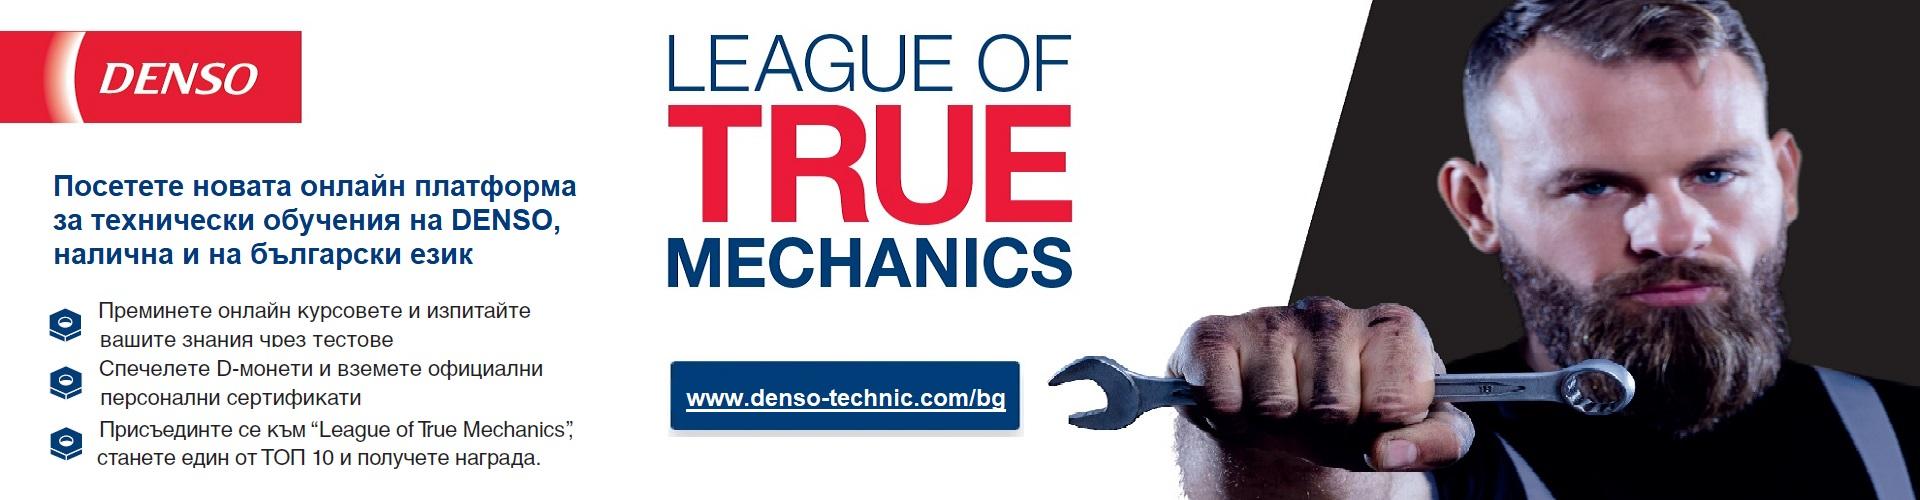 denso_e-learning_banner.jpg